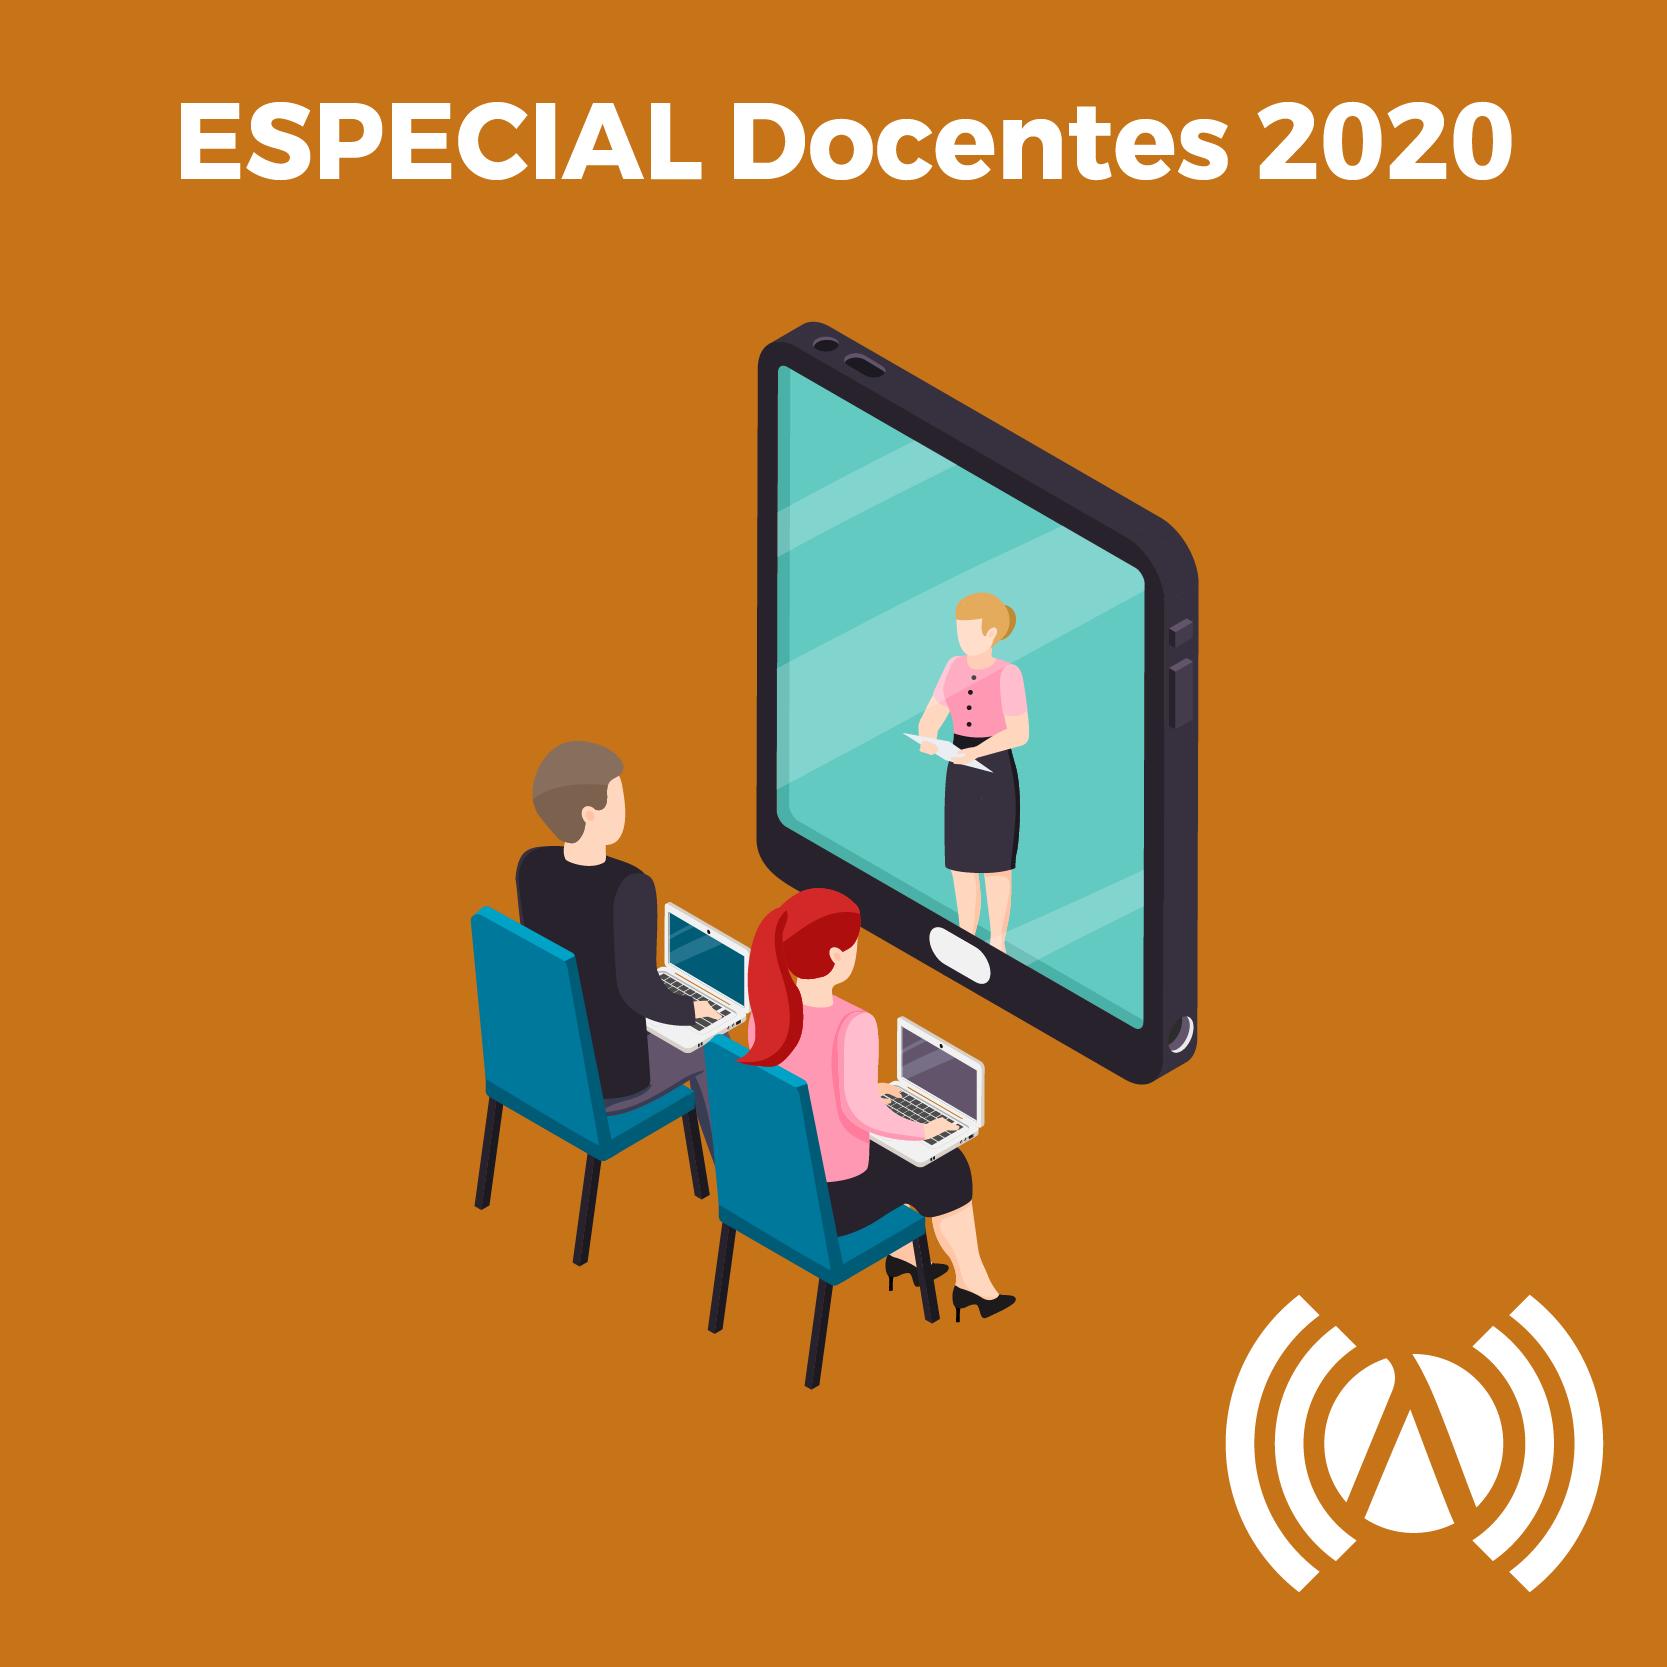 Taller de comunicación especial Docentes 2020 | @lambdagestion